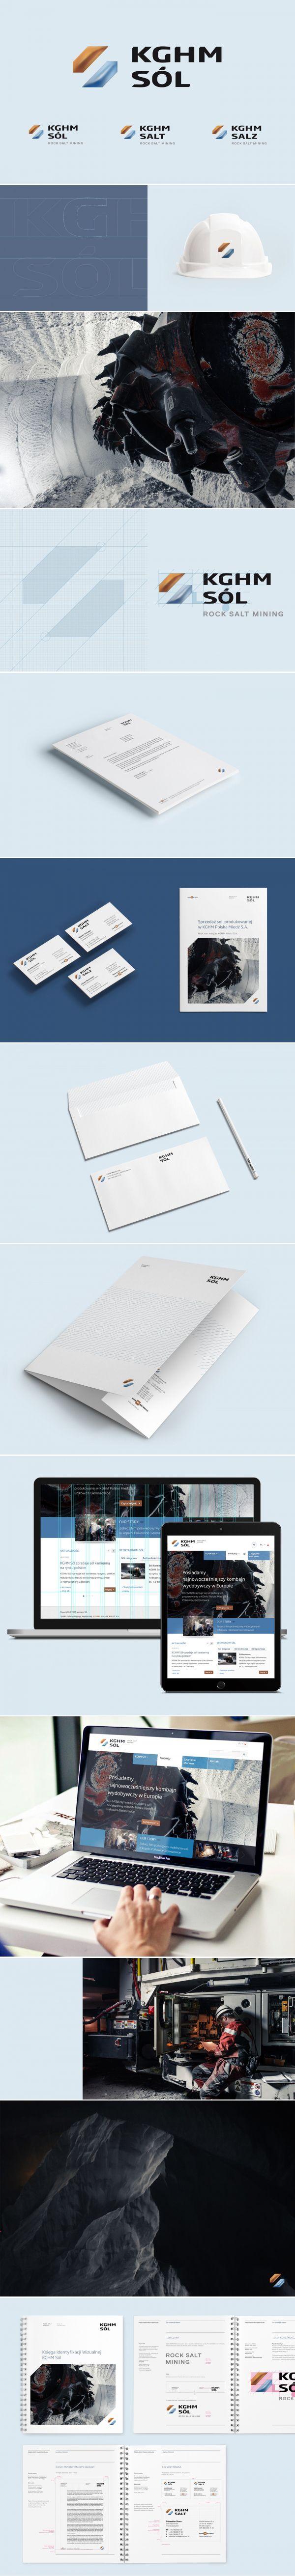 KGHM Sól Salt branding on Behance. Design by nuostudio.pl